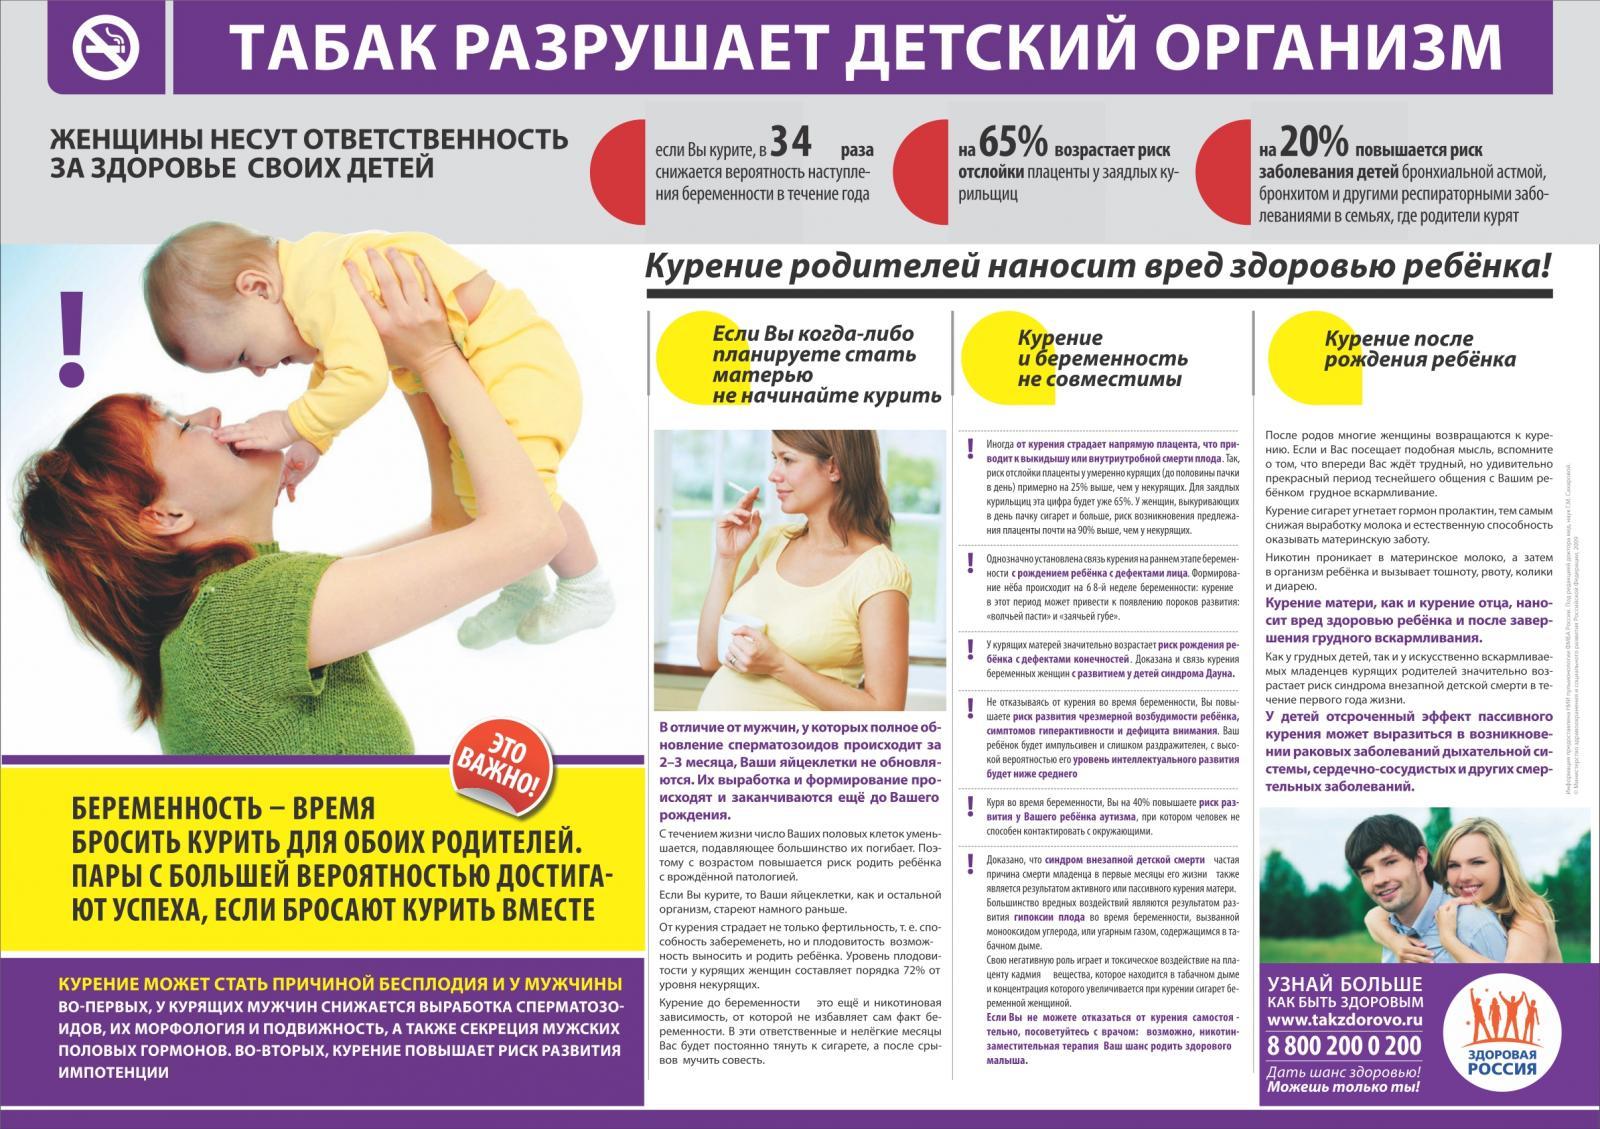 Можно ли делать тест на беременность во время месячных?